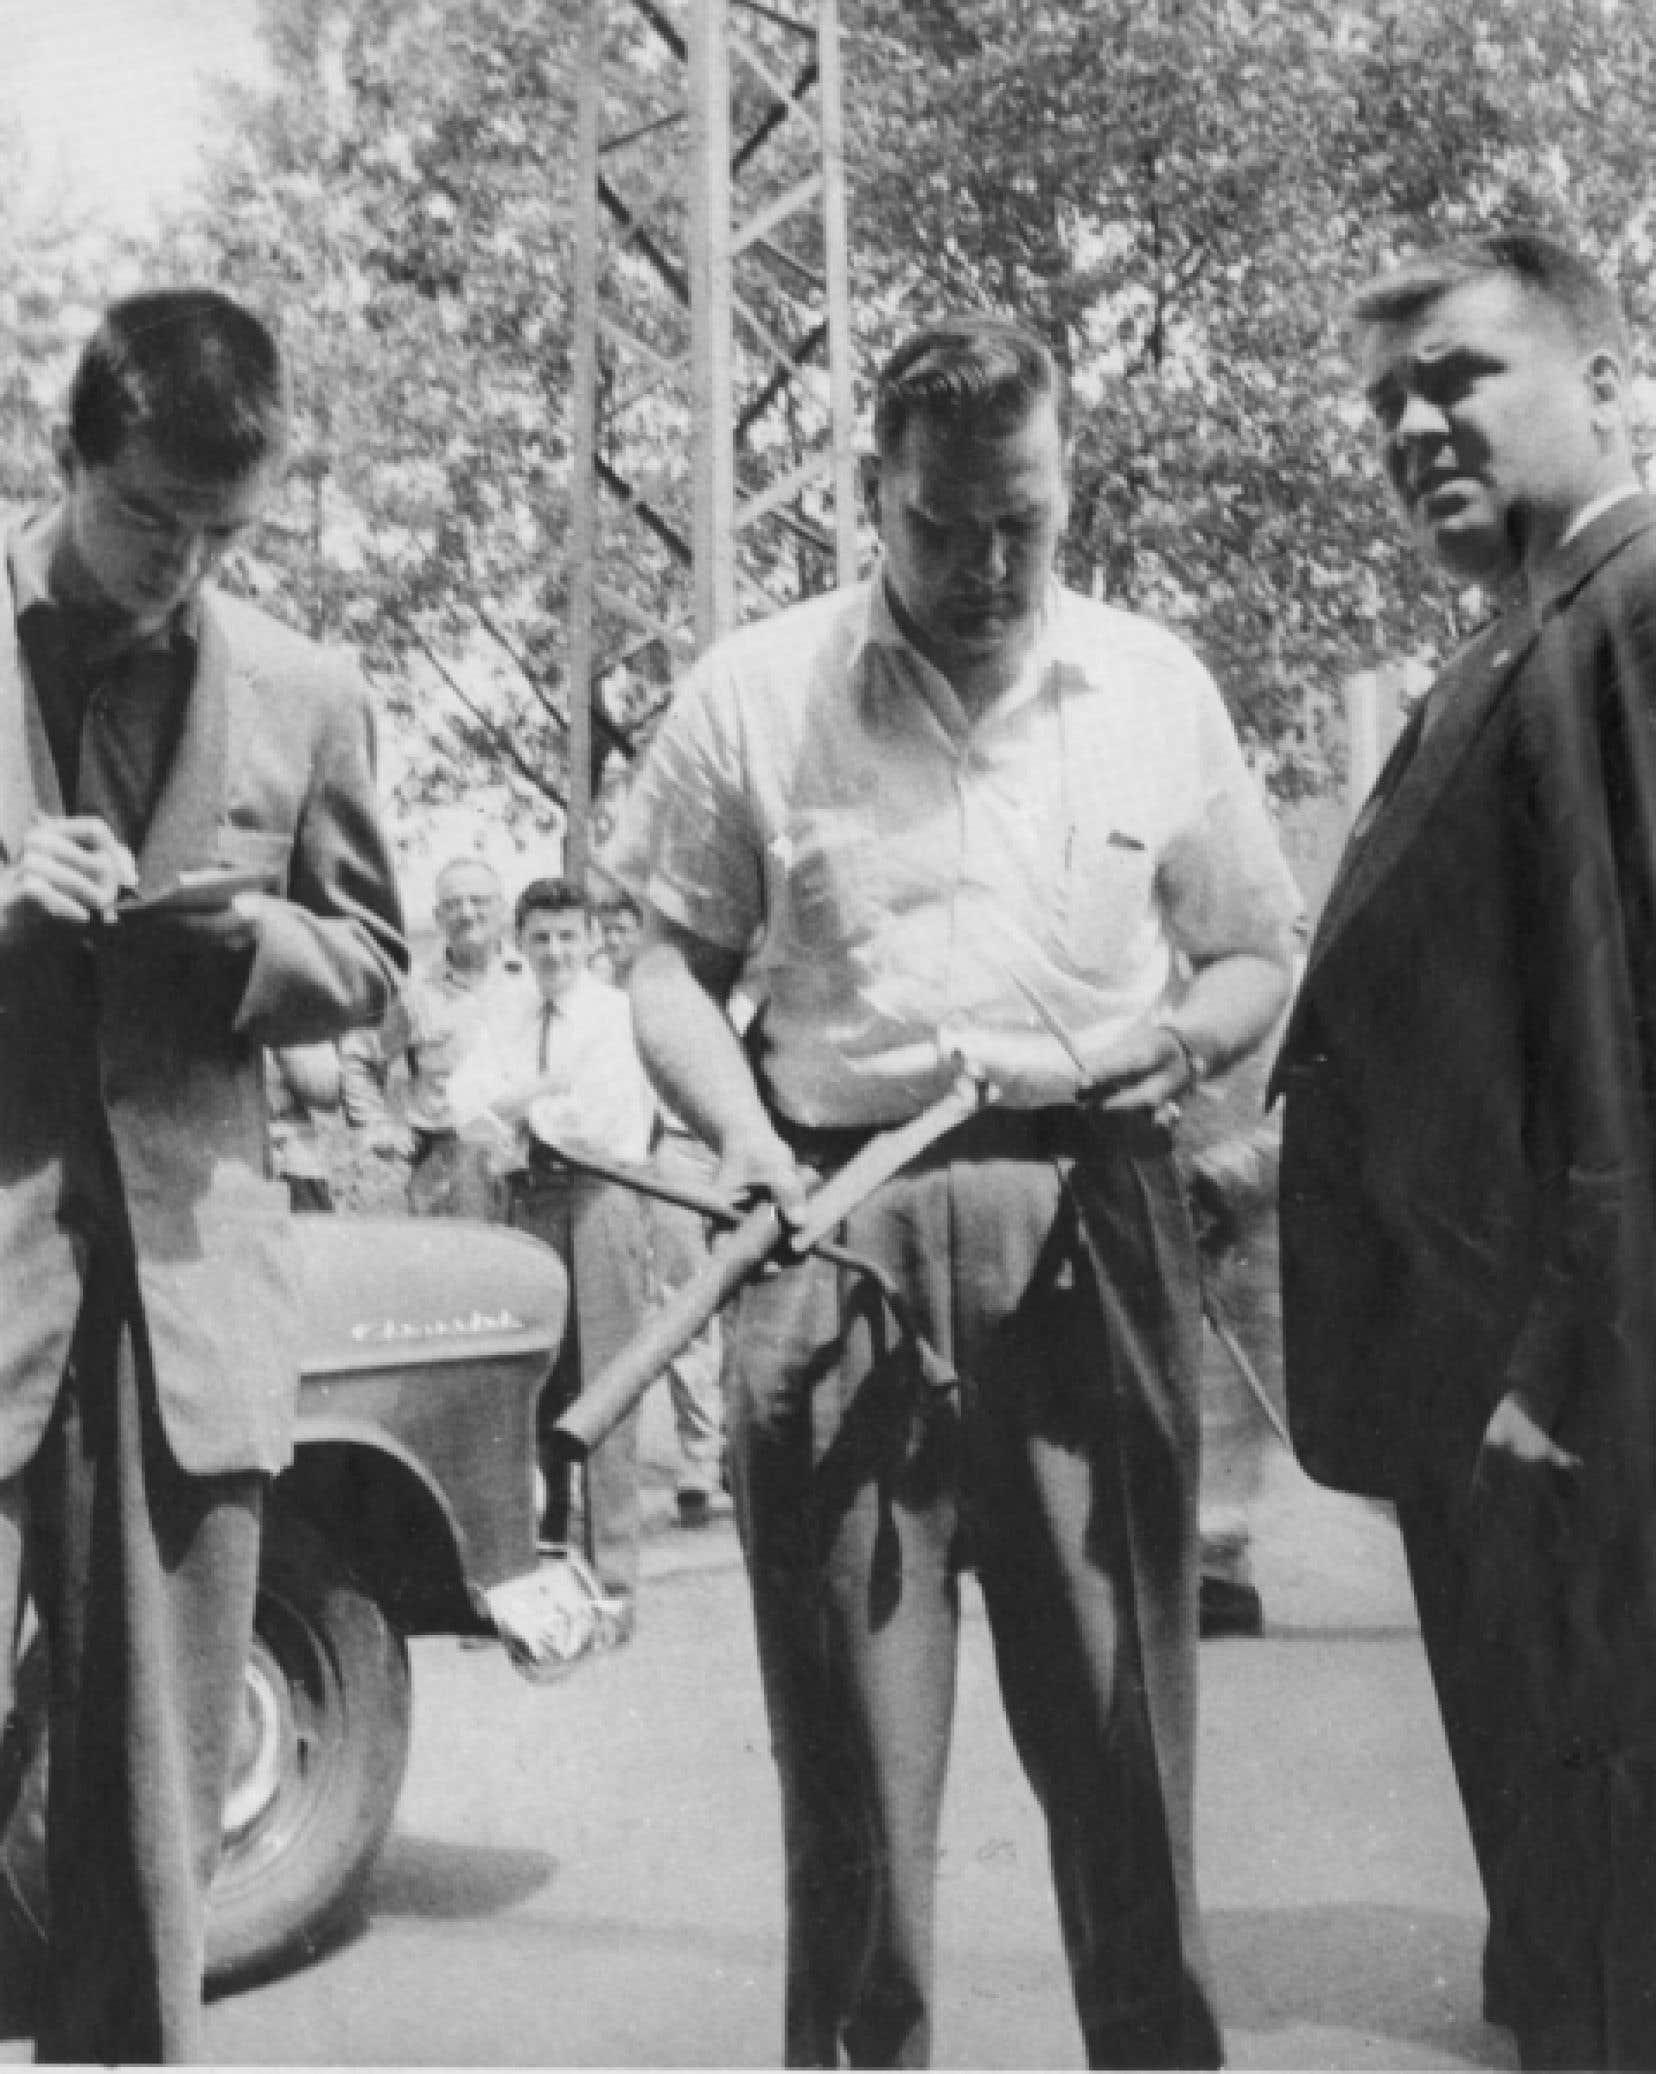 Le journaliste Guy Lamarche (&agrave; gauche), accompagn&eacute; de deux policiers en civil, pendant sa couverture de la campagne &eacute;lectorale provinciale de 1956.<br />